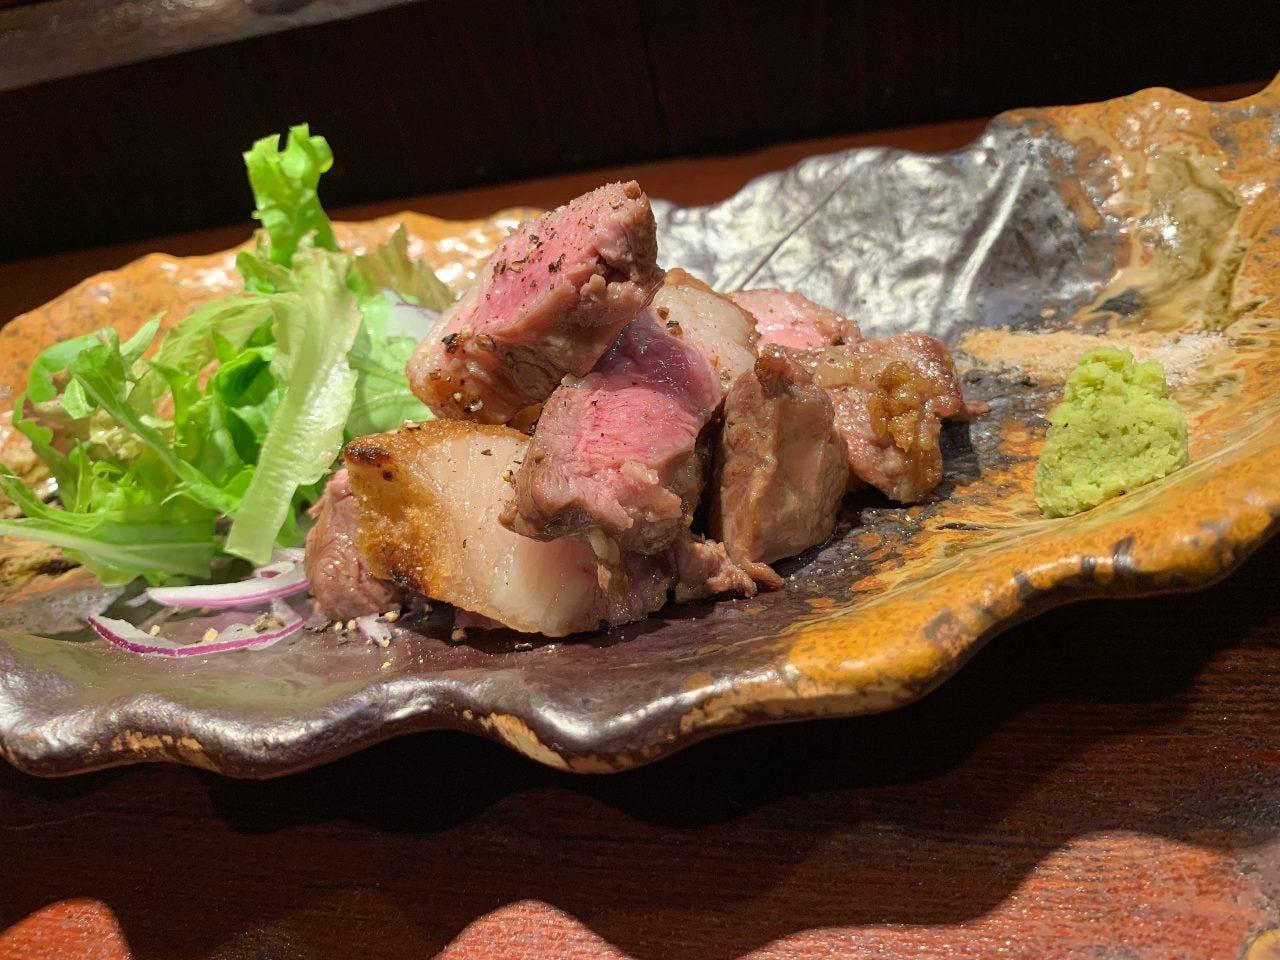 ラム肉の炭焼き